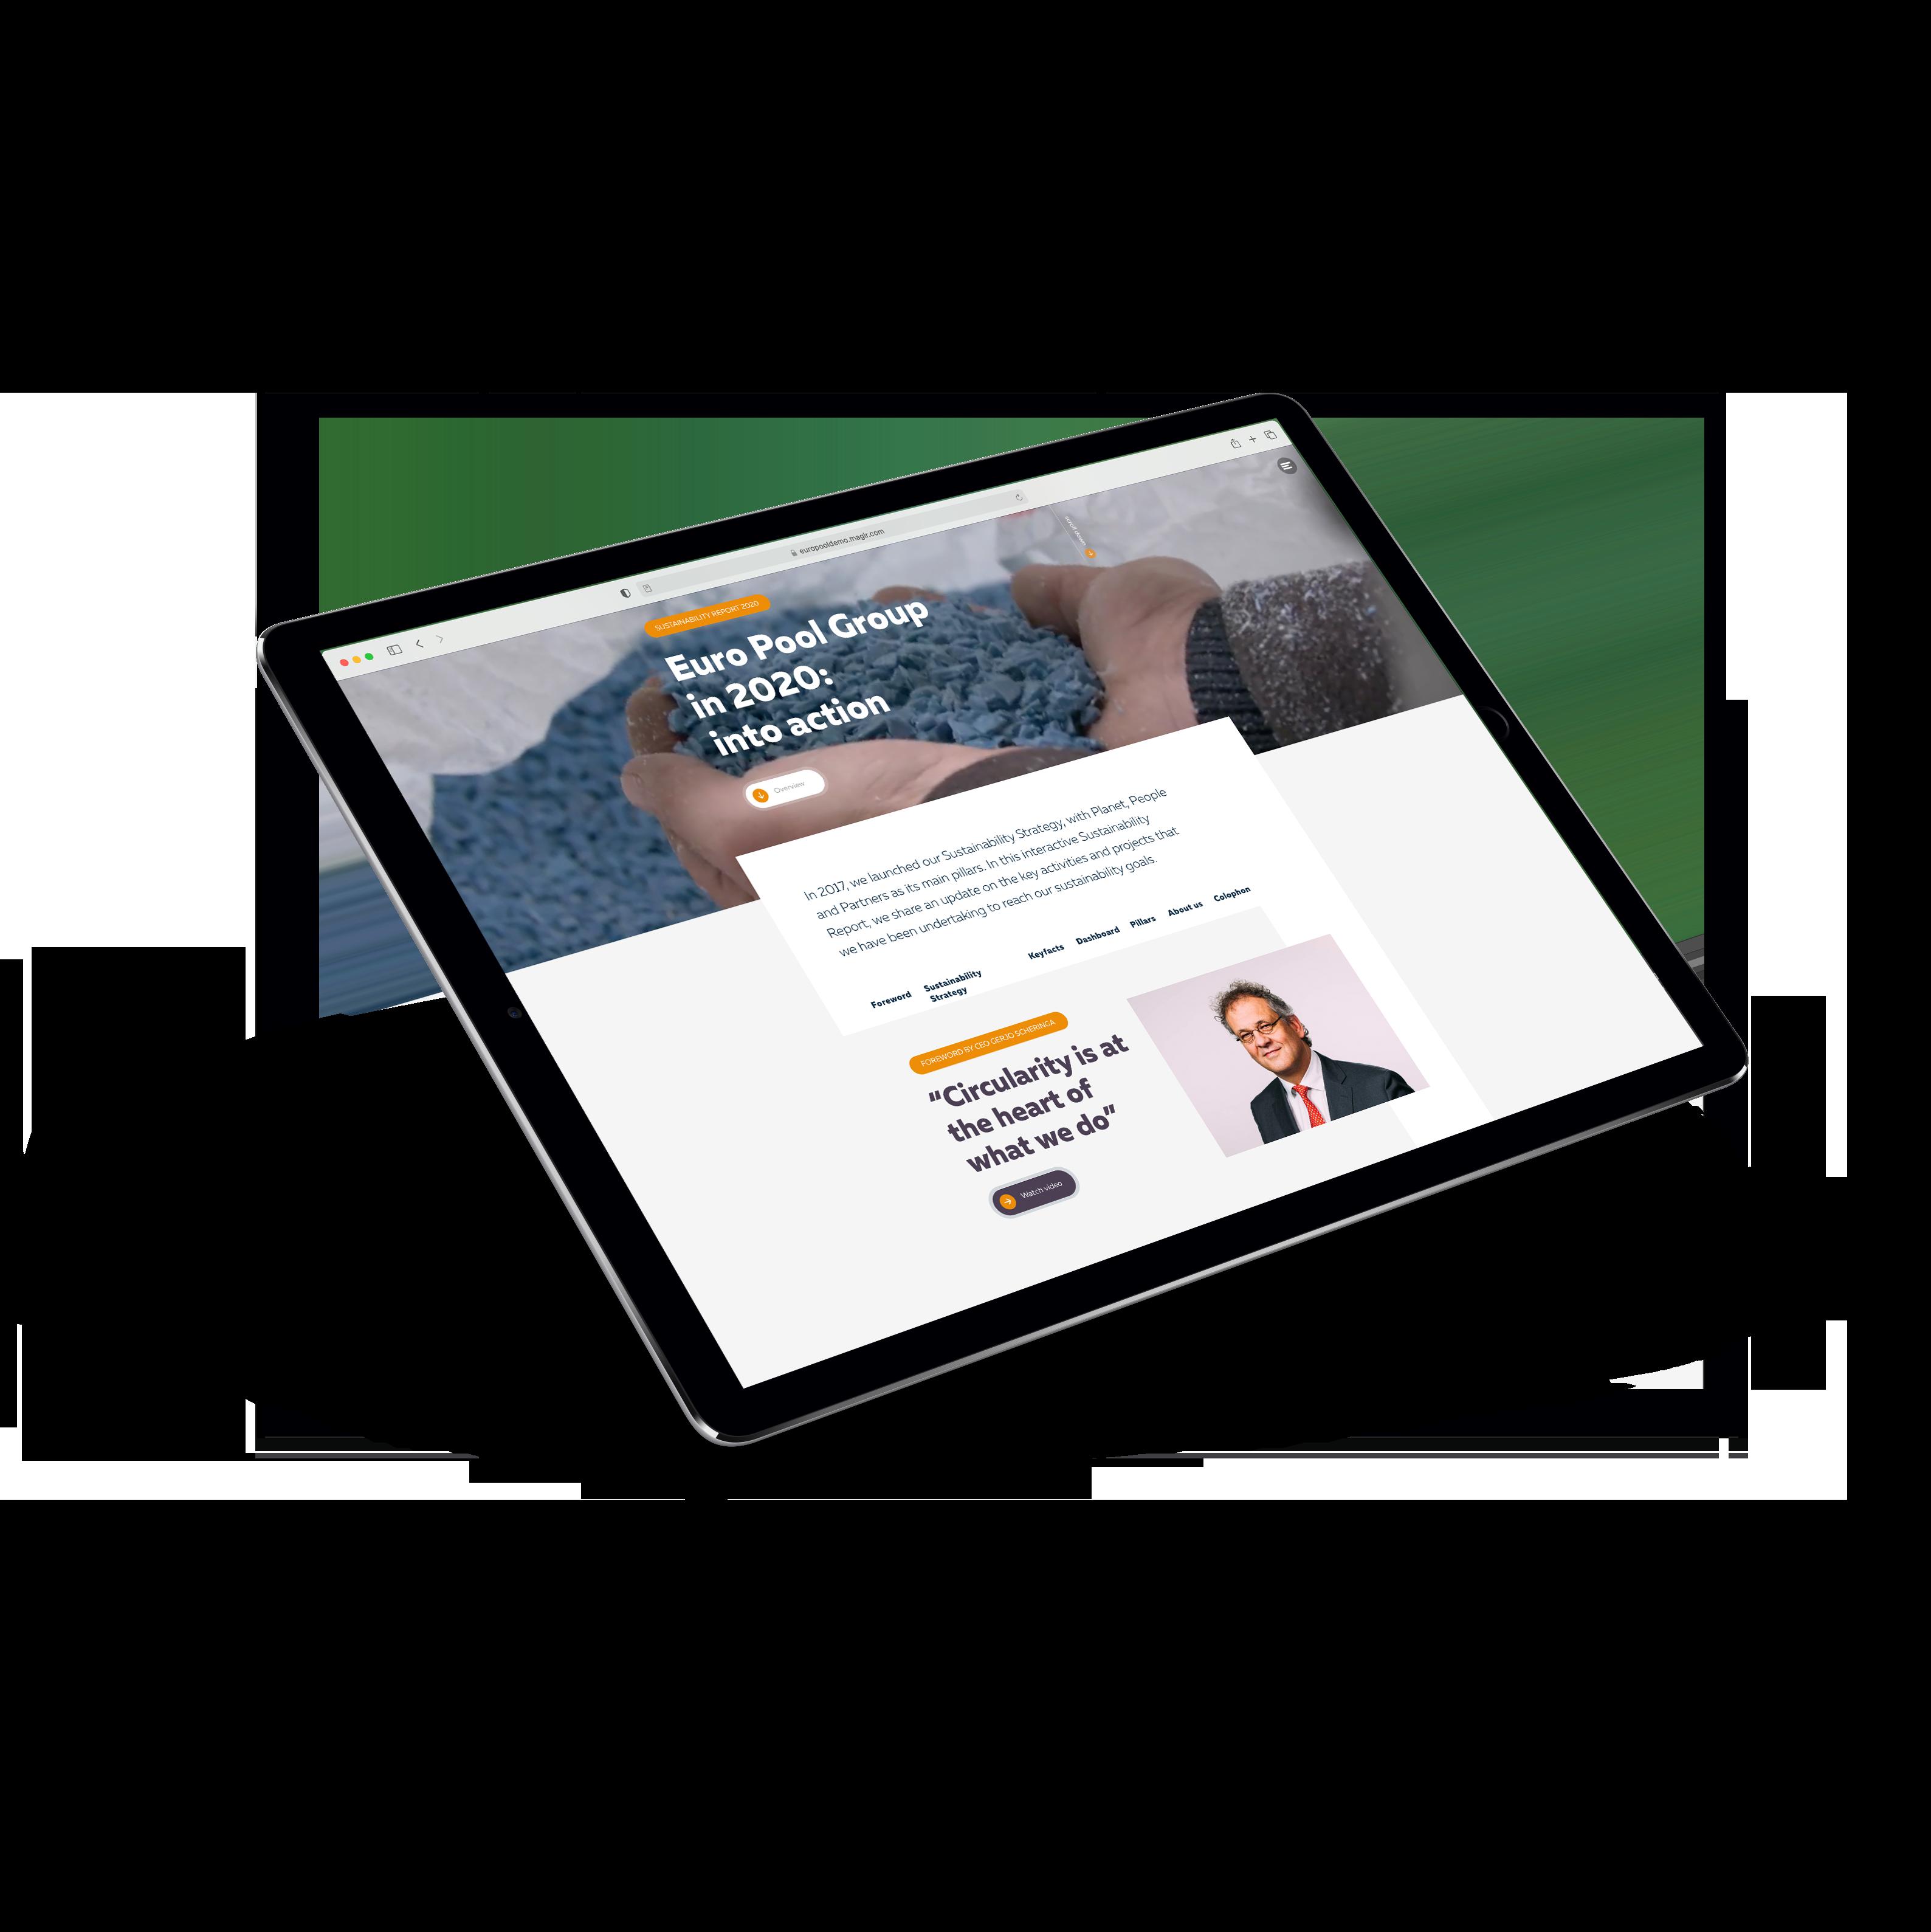 EPS-iPad Mockup Sustainability Report 2020 transp - 560